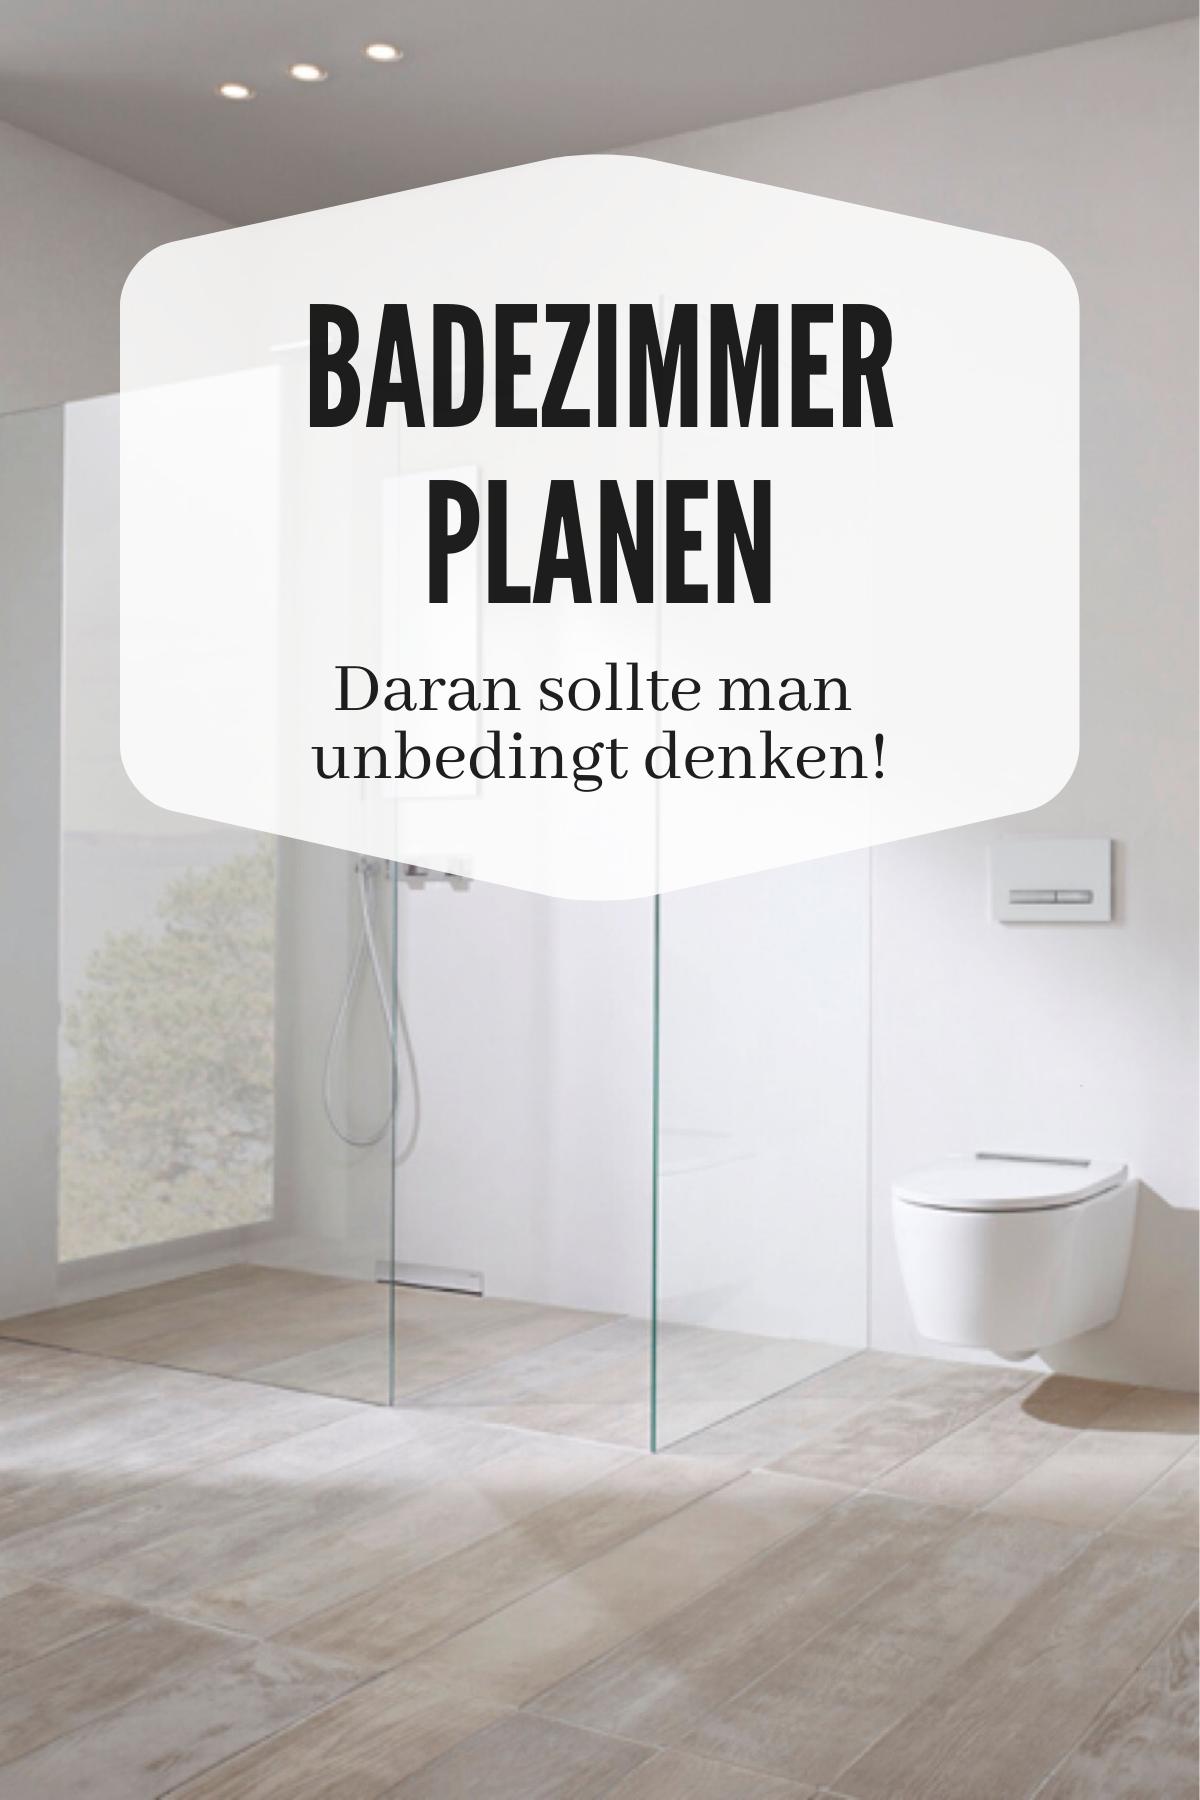 Neues Bad Planen Ideen Und Tipps Fur Kleine Badezimmer Badezimmer Planen Neues Badezimmer Kleine Badezimmer